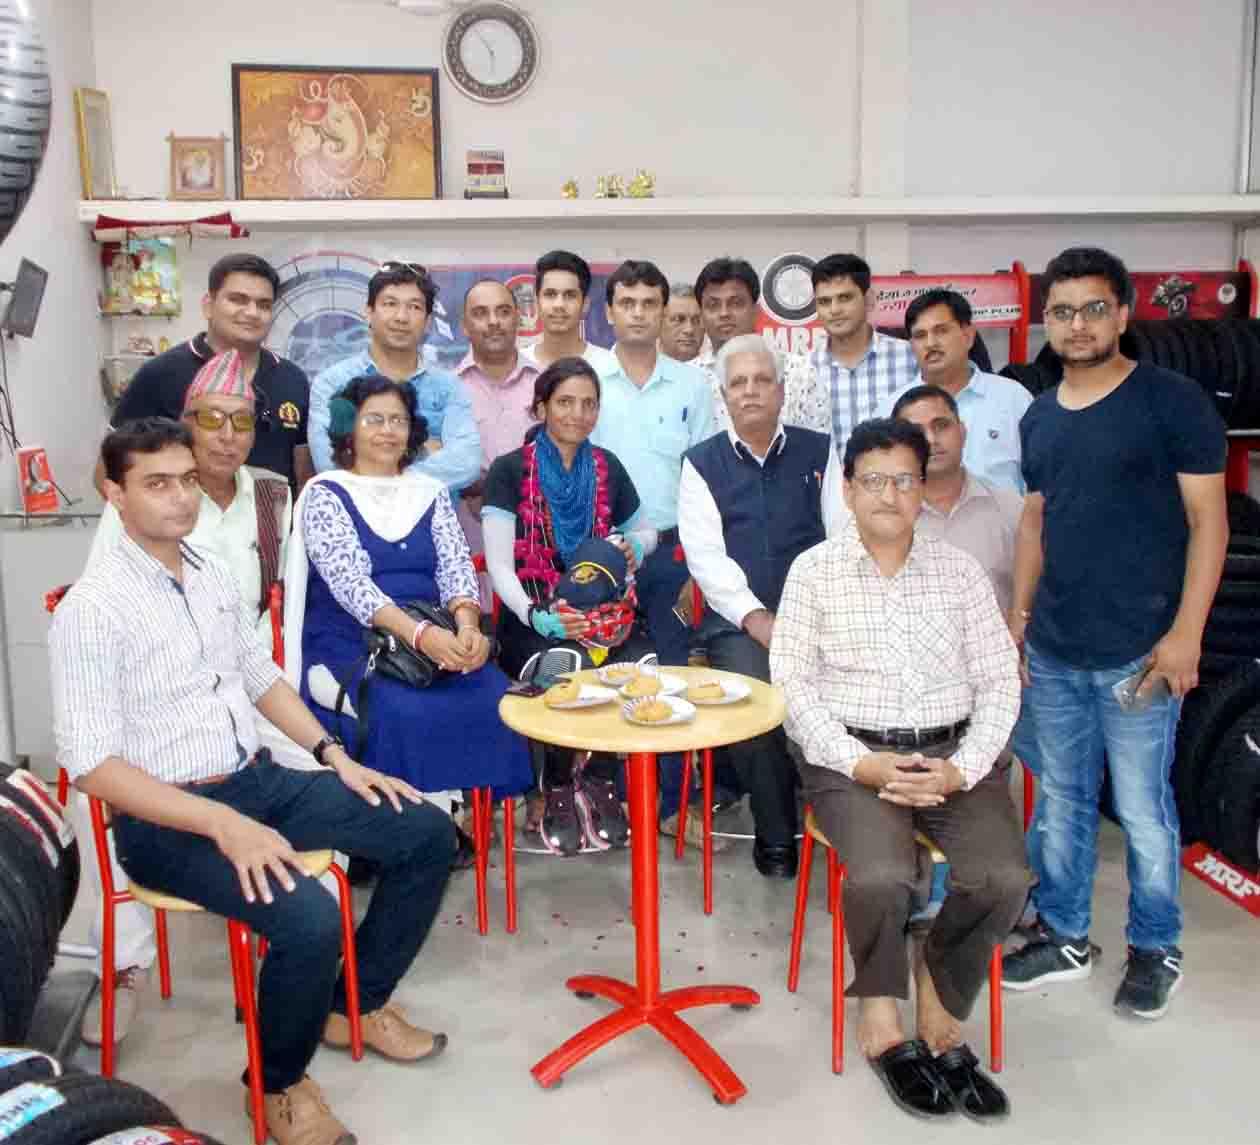 भारत की बेटी सुश्री सुनितासिंह चौकेन की आगवानी कर रोटरी क्लब ने किया भव्य स्वागत, सुबह करेगी मुख्य बाजारों में साईकिल से भ्रमण